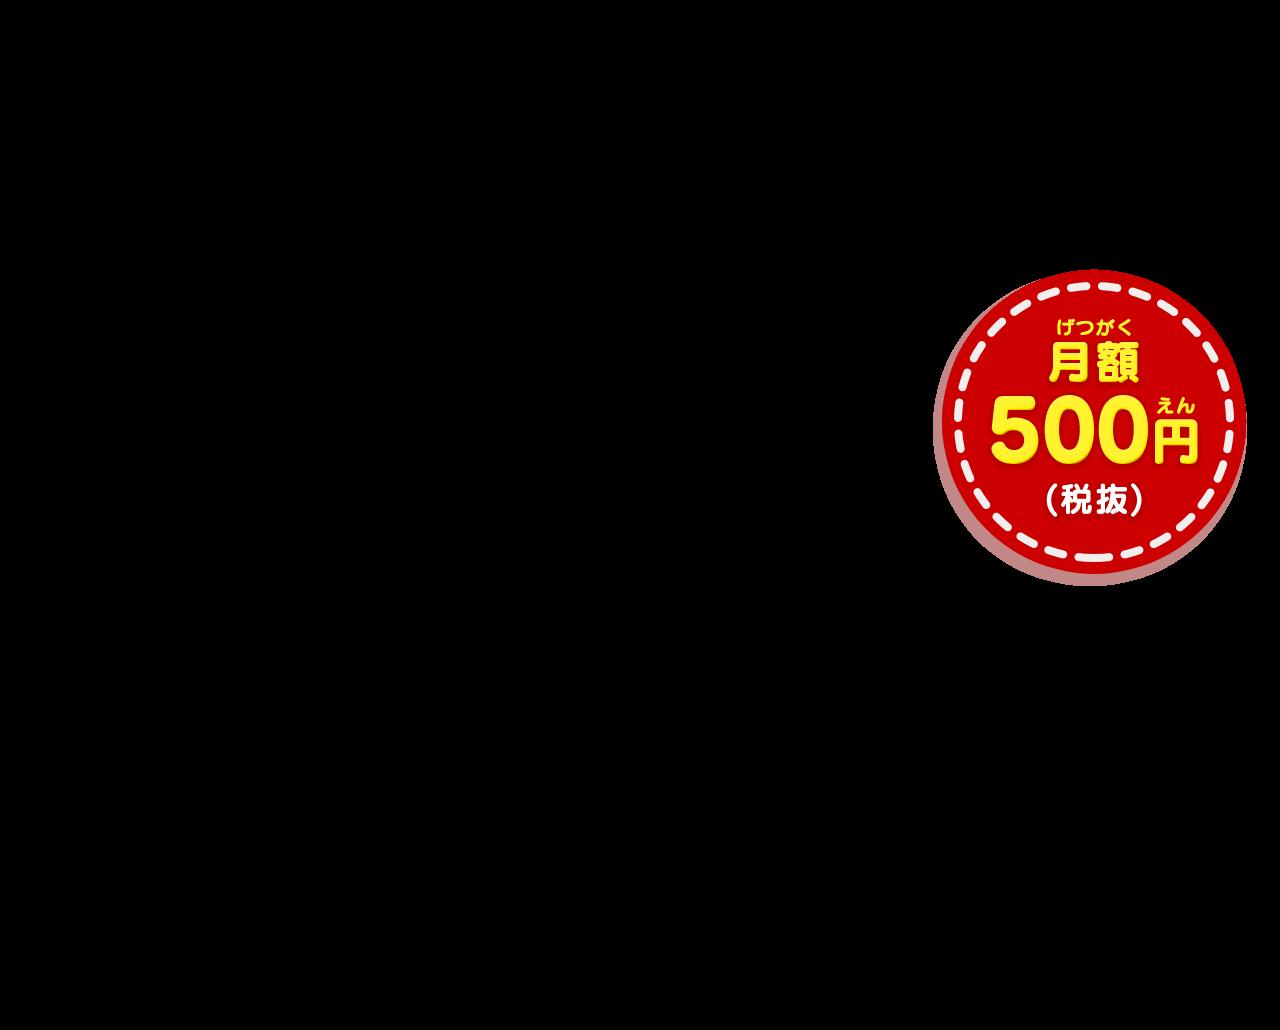 月額500円(税抜)